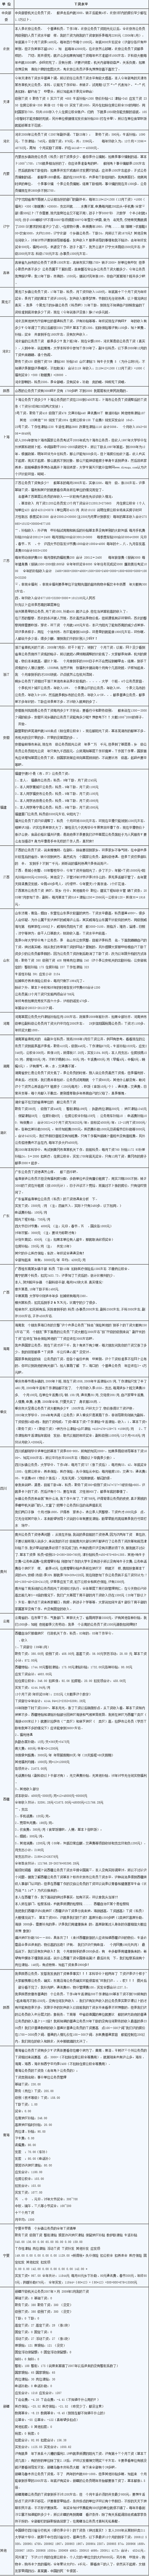 全国31个地区公务员工资曝光 低得惊人(表) - 月  月 - 阳光月月(看新闻)